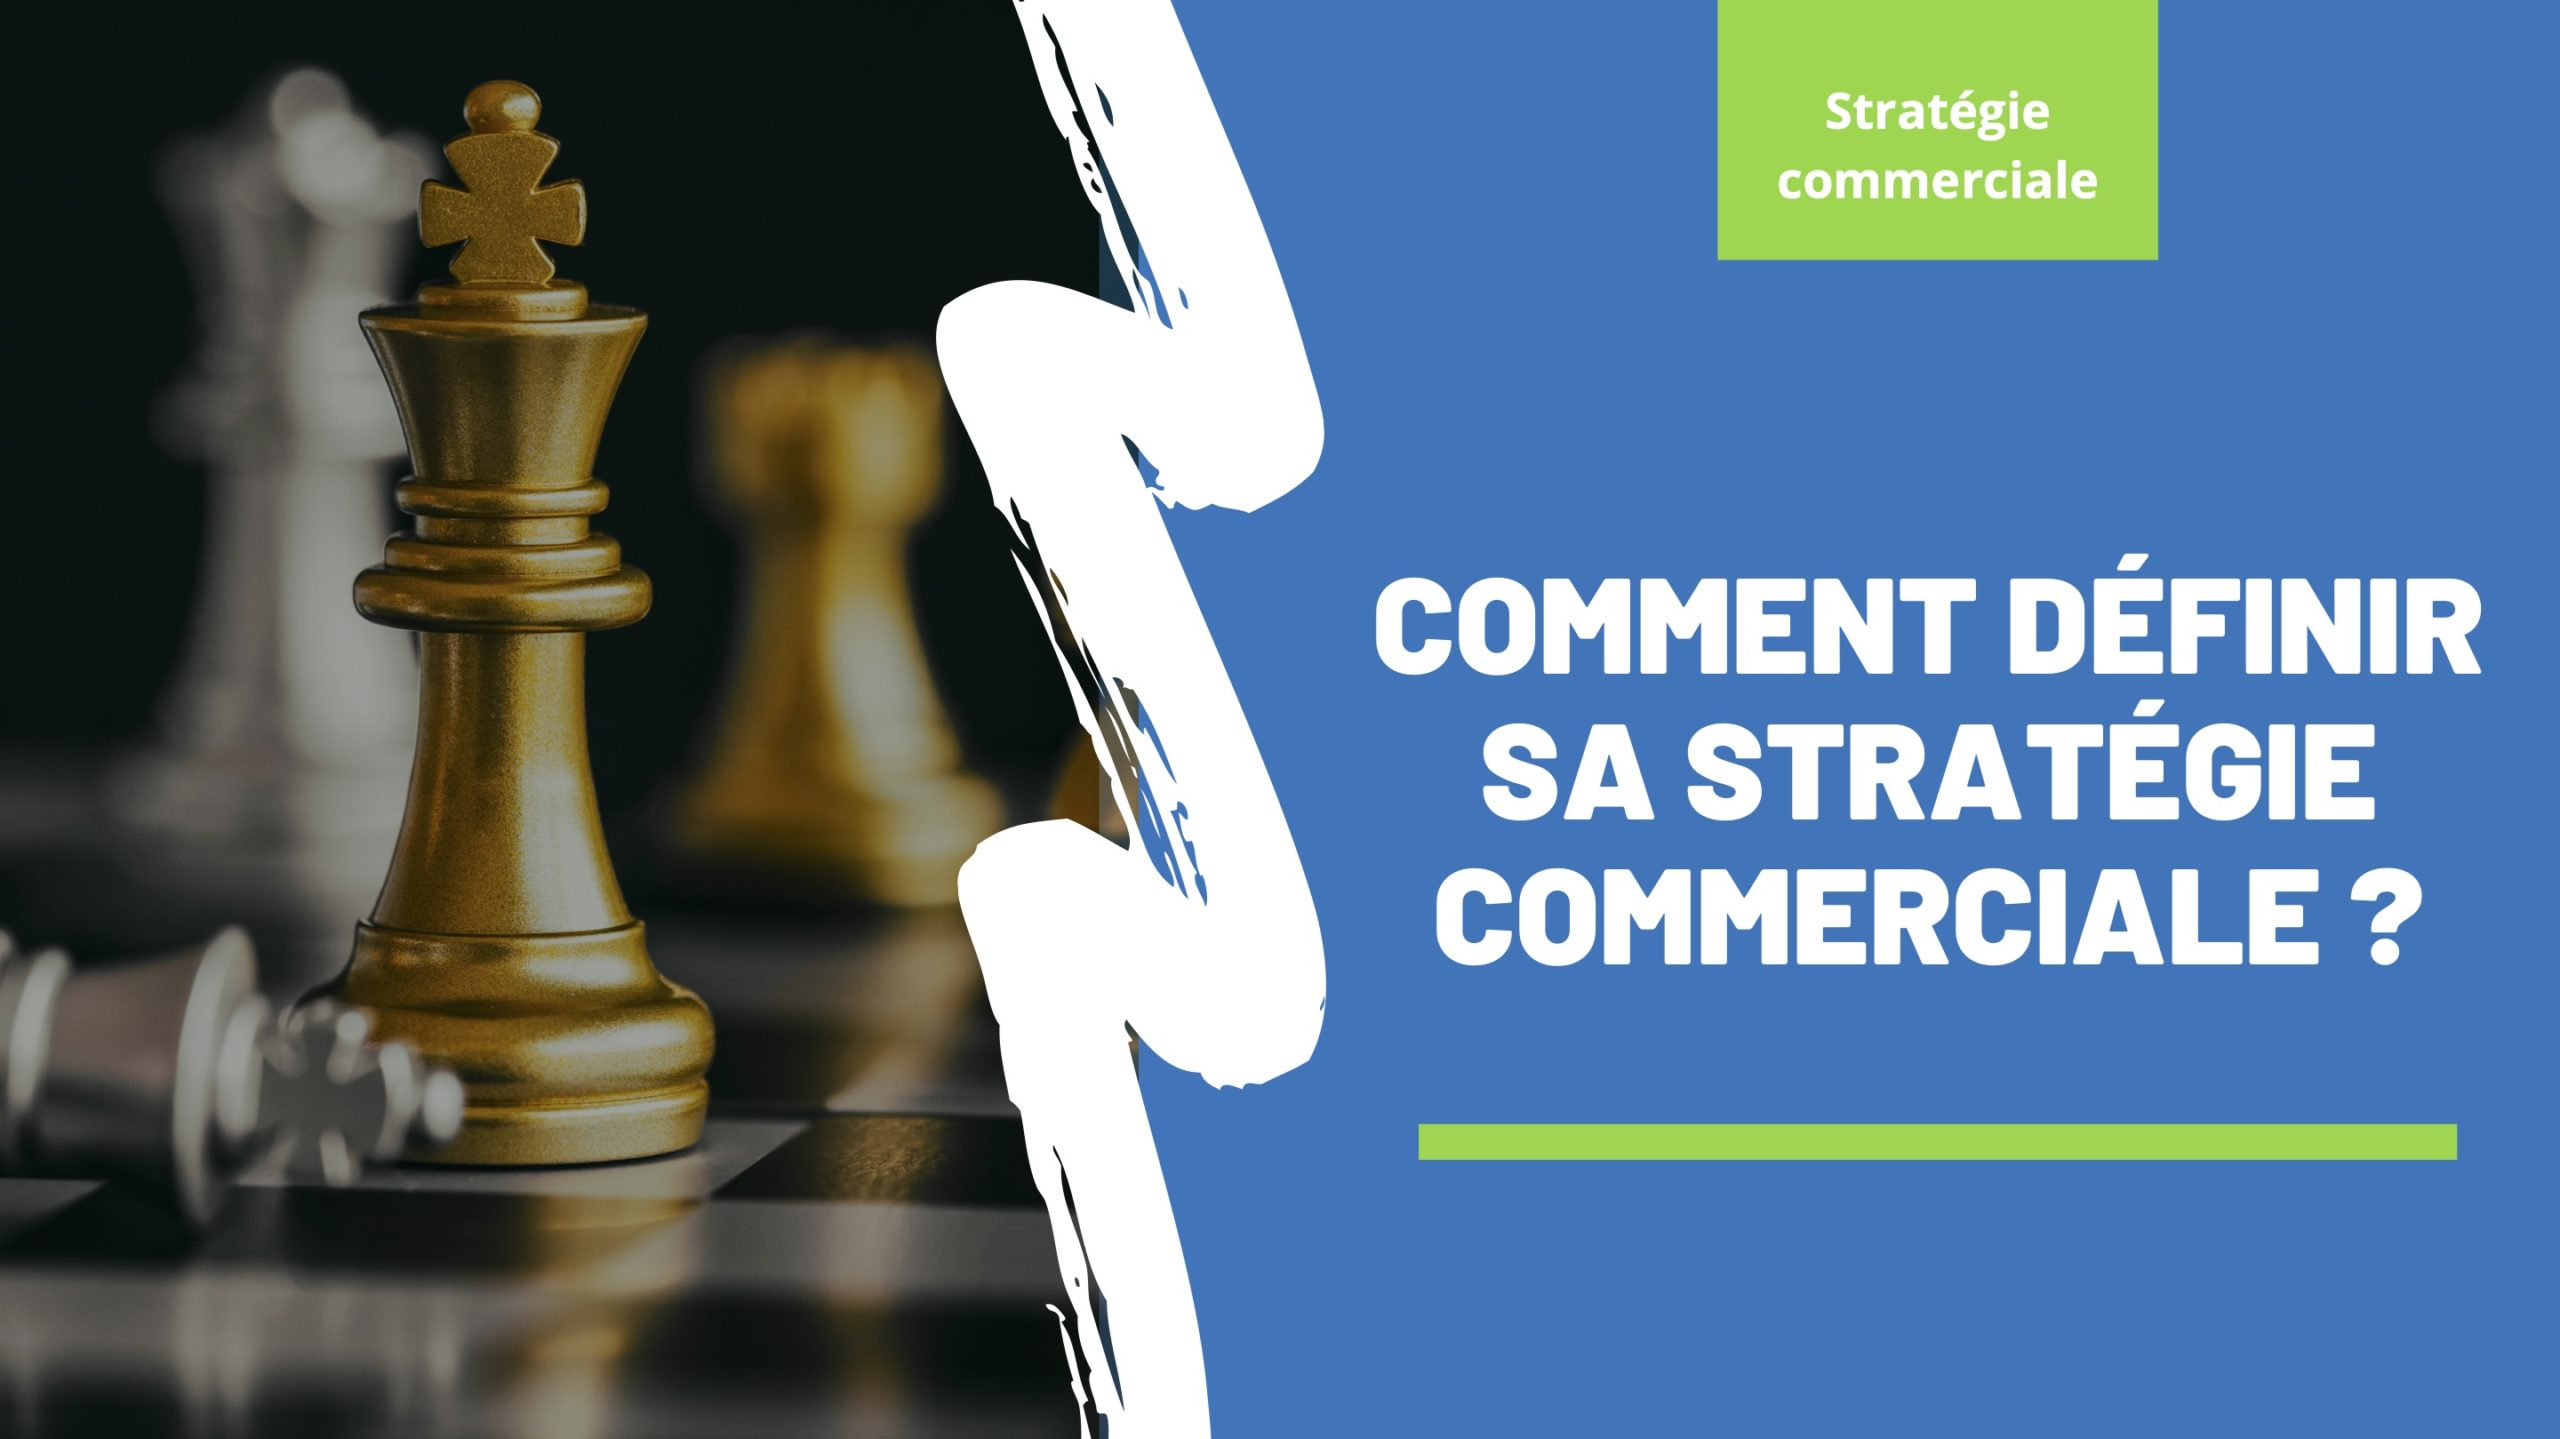 Quel est votre stratégie commerciale ?